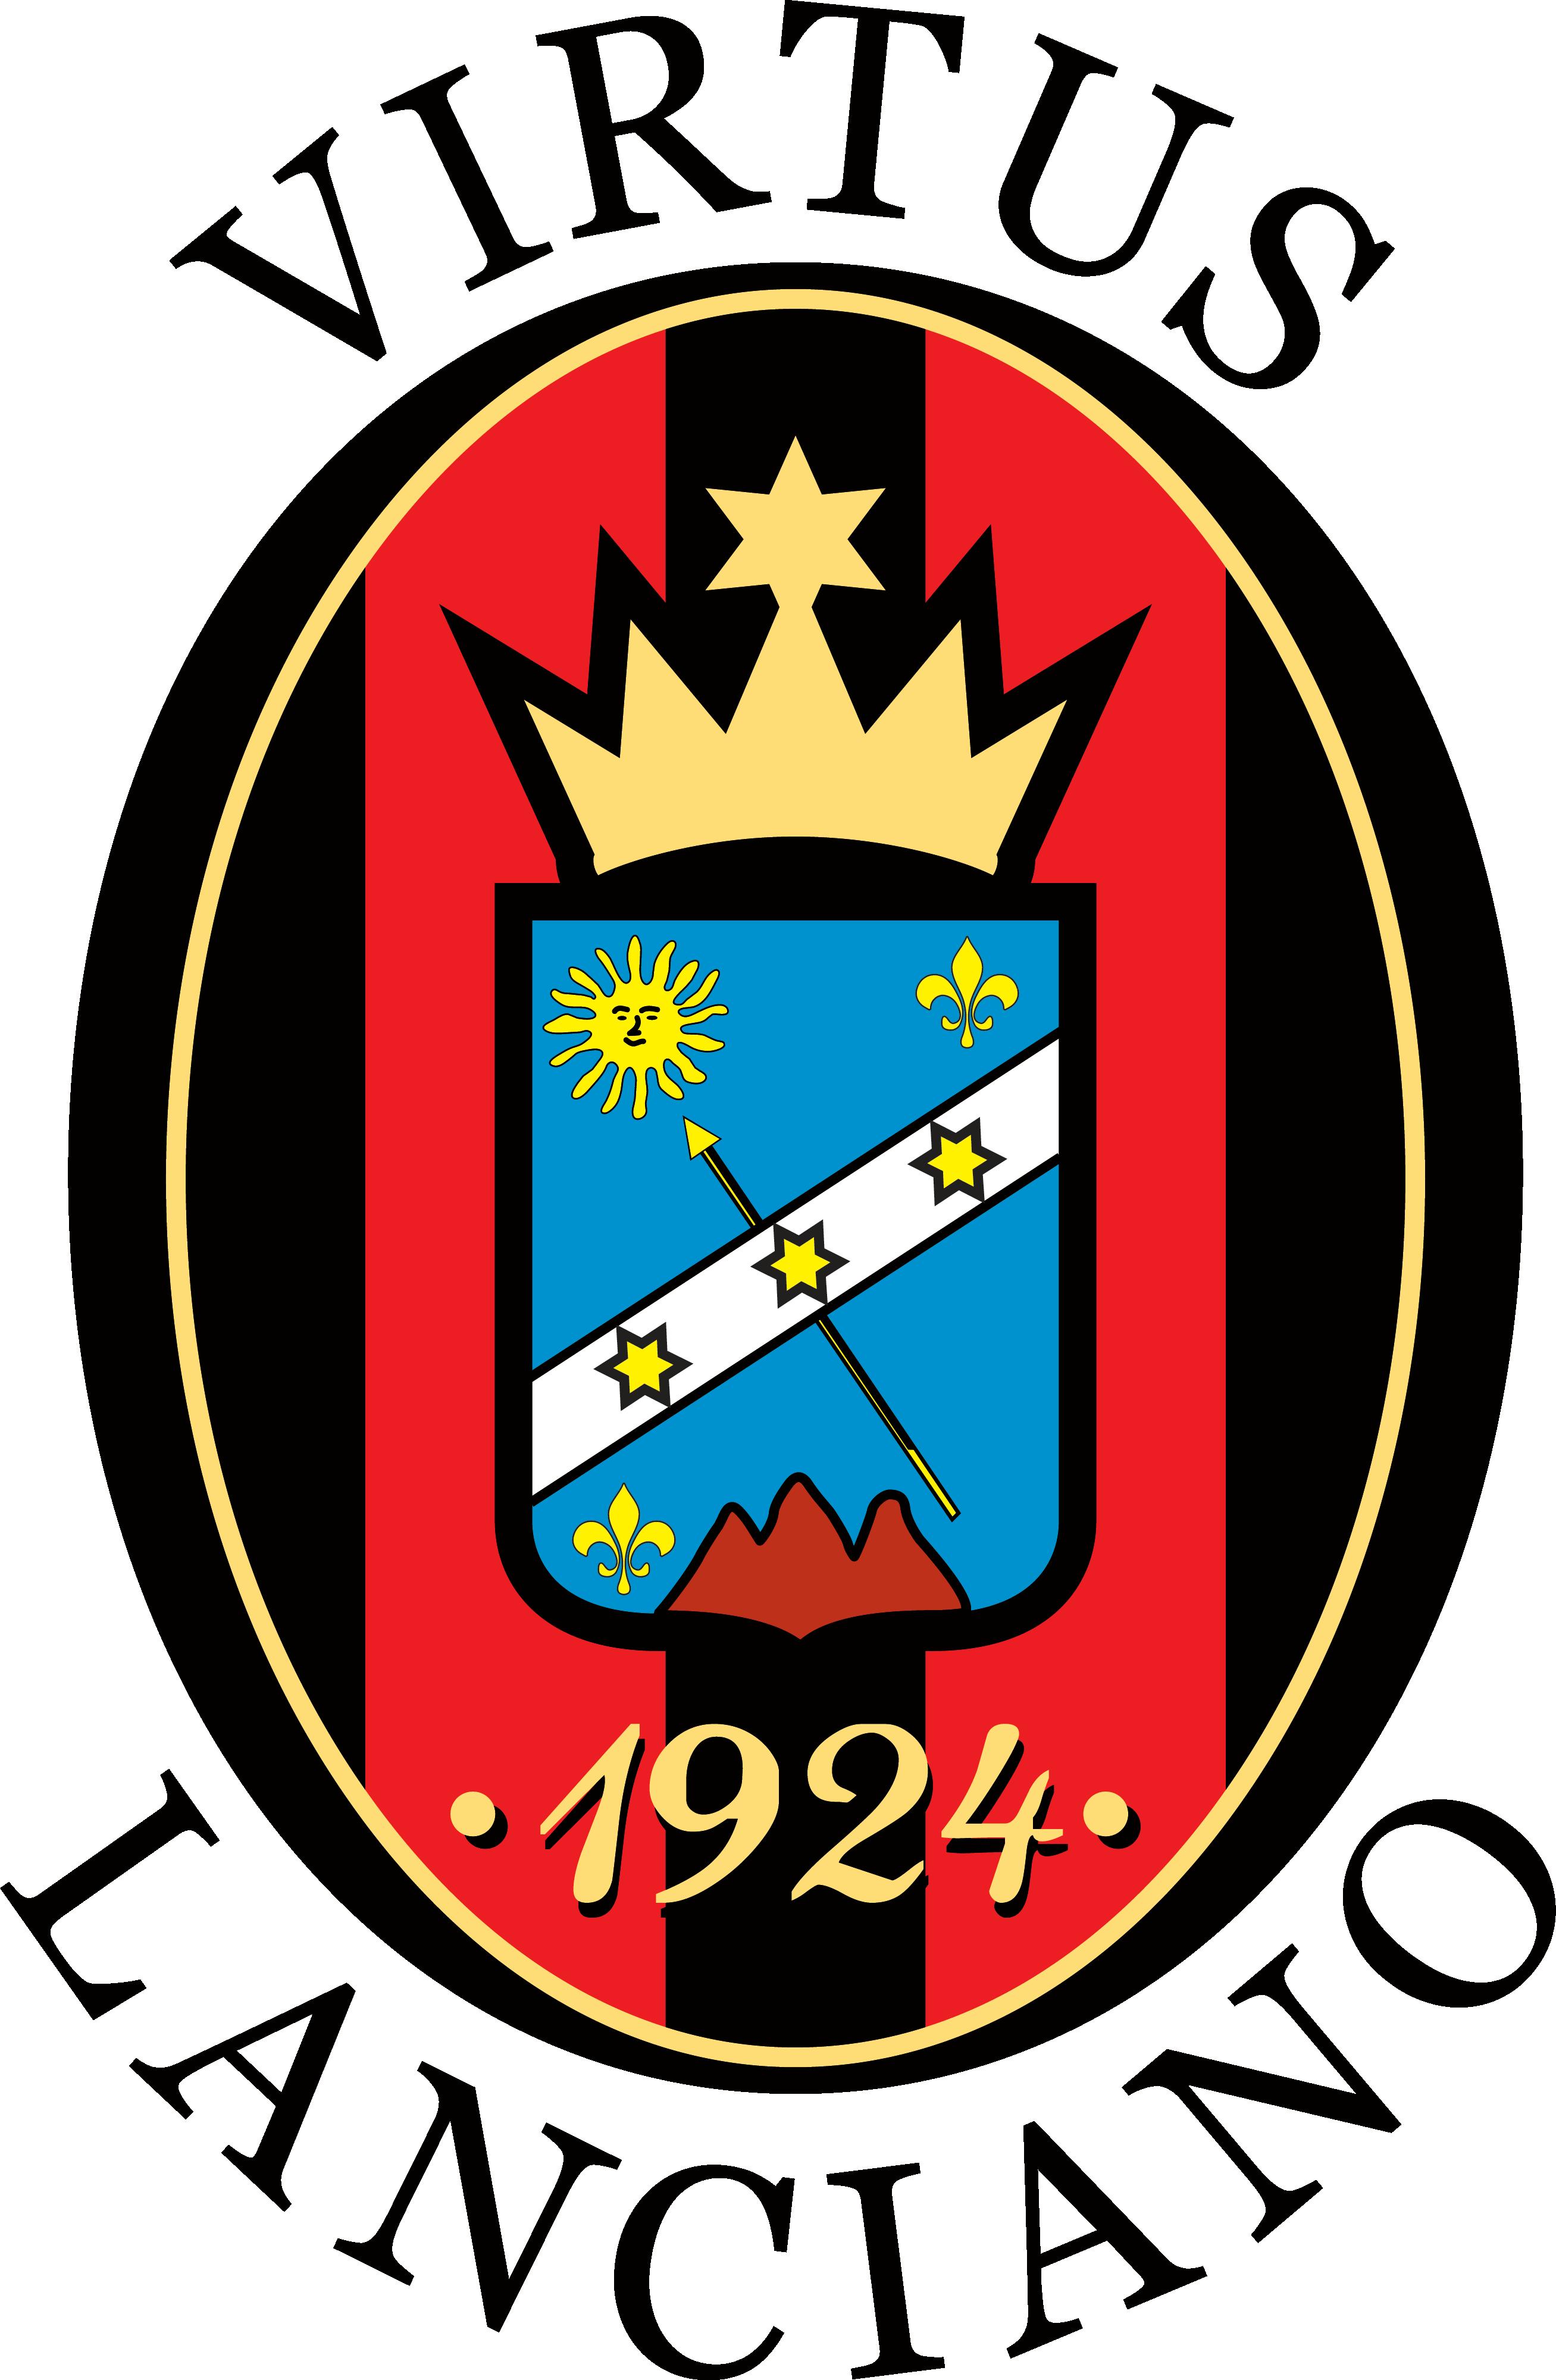 http://upload.wikimedia.org/wikipedia/it/6/6b/Virtuslancianostemma.png